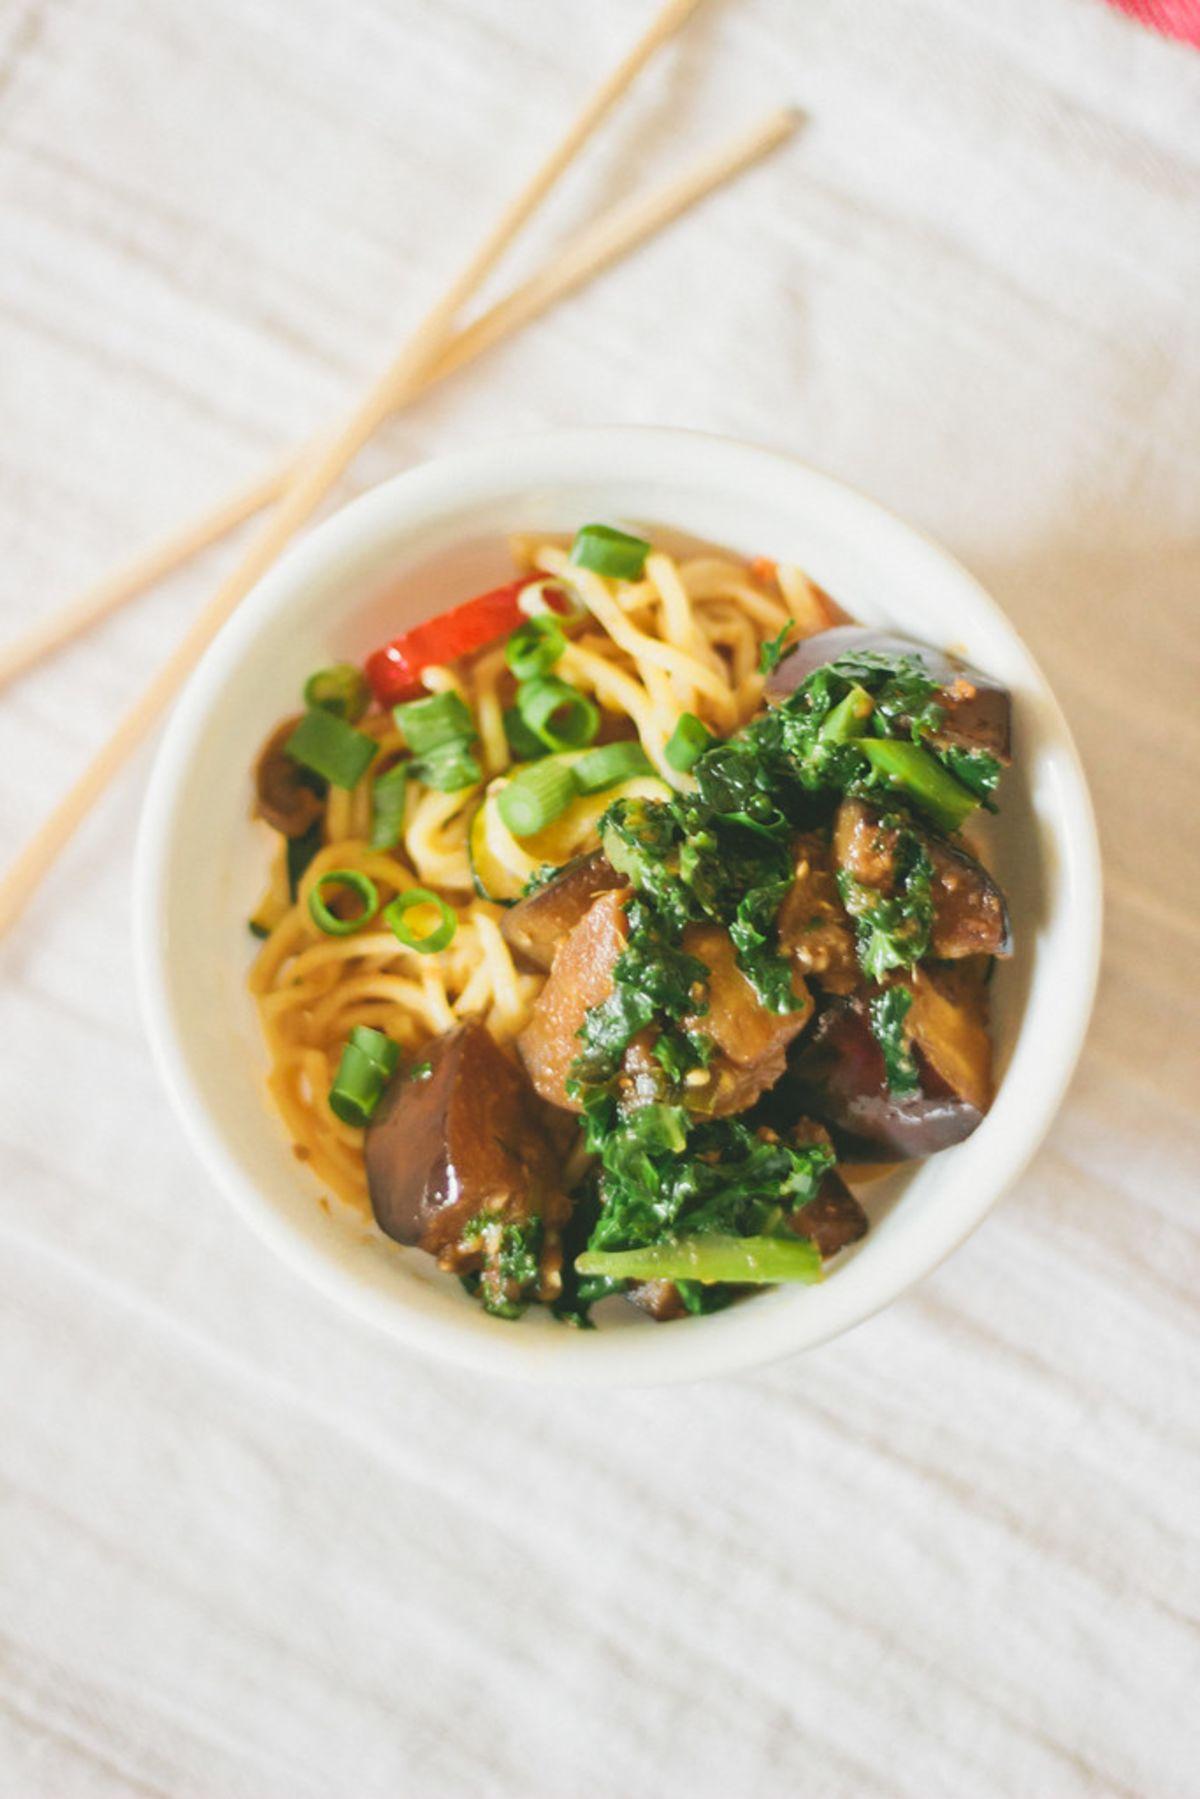 Aubergine Kale Noodle Bowl